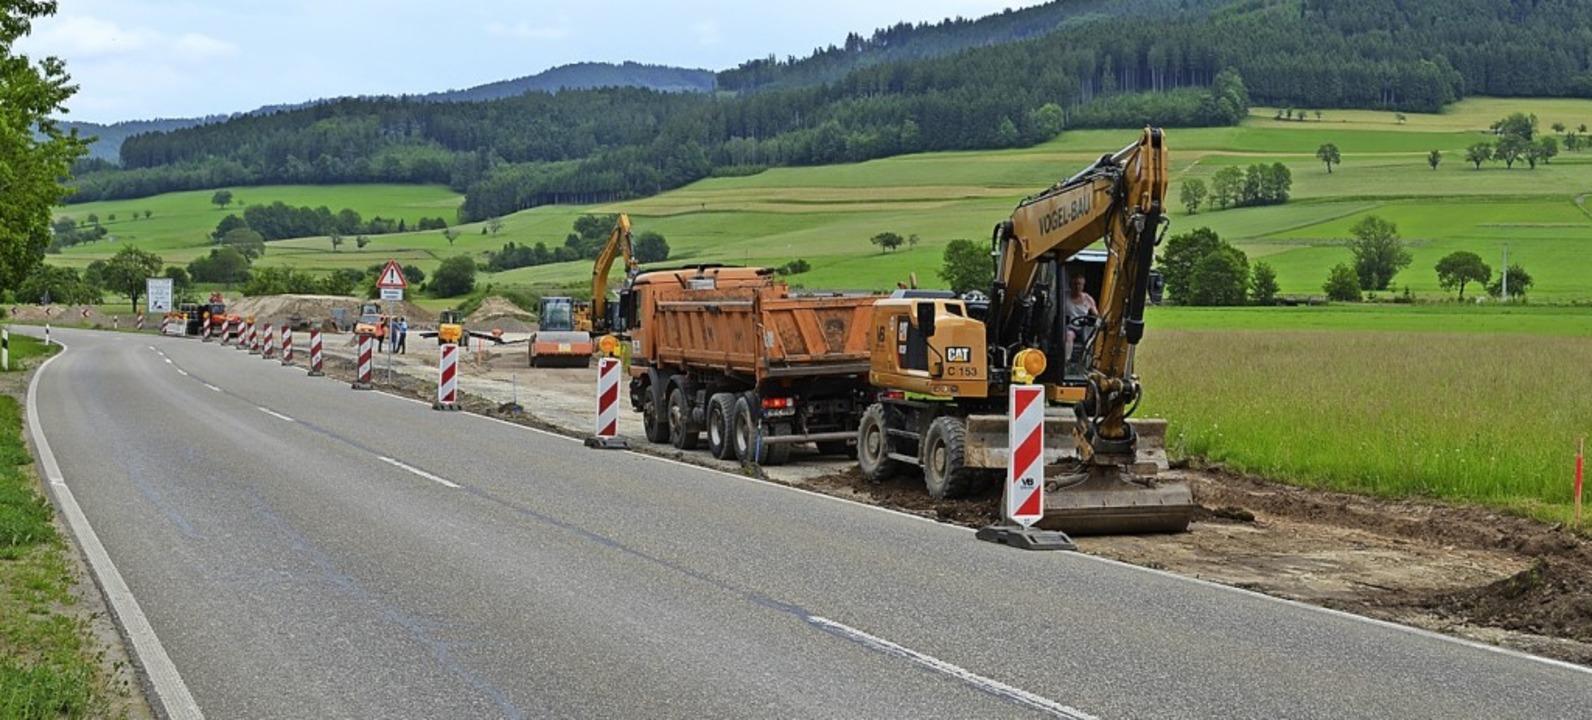 Ampelbetrieb und Staus ab Mitte Juni - Winden im Elztal - Badische Zeitung